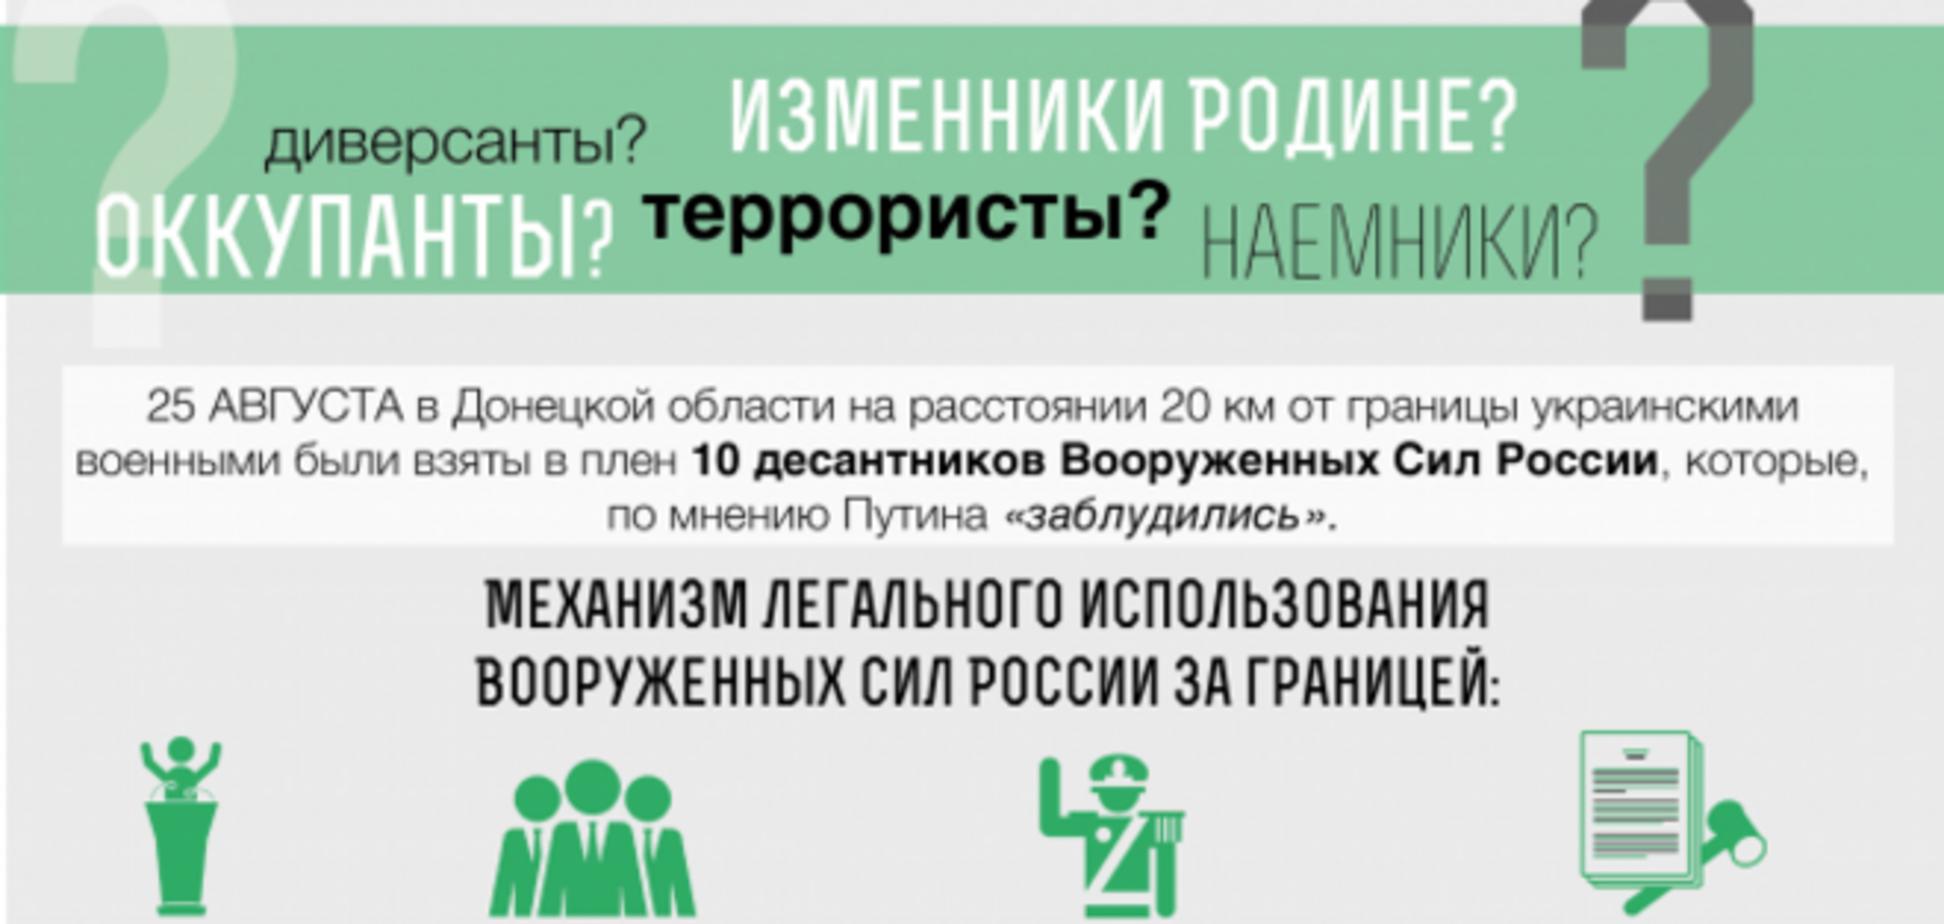 Что на самом деле делают россияне на Донбассе. Инфографика